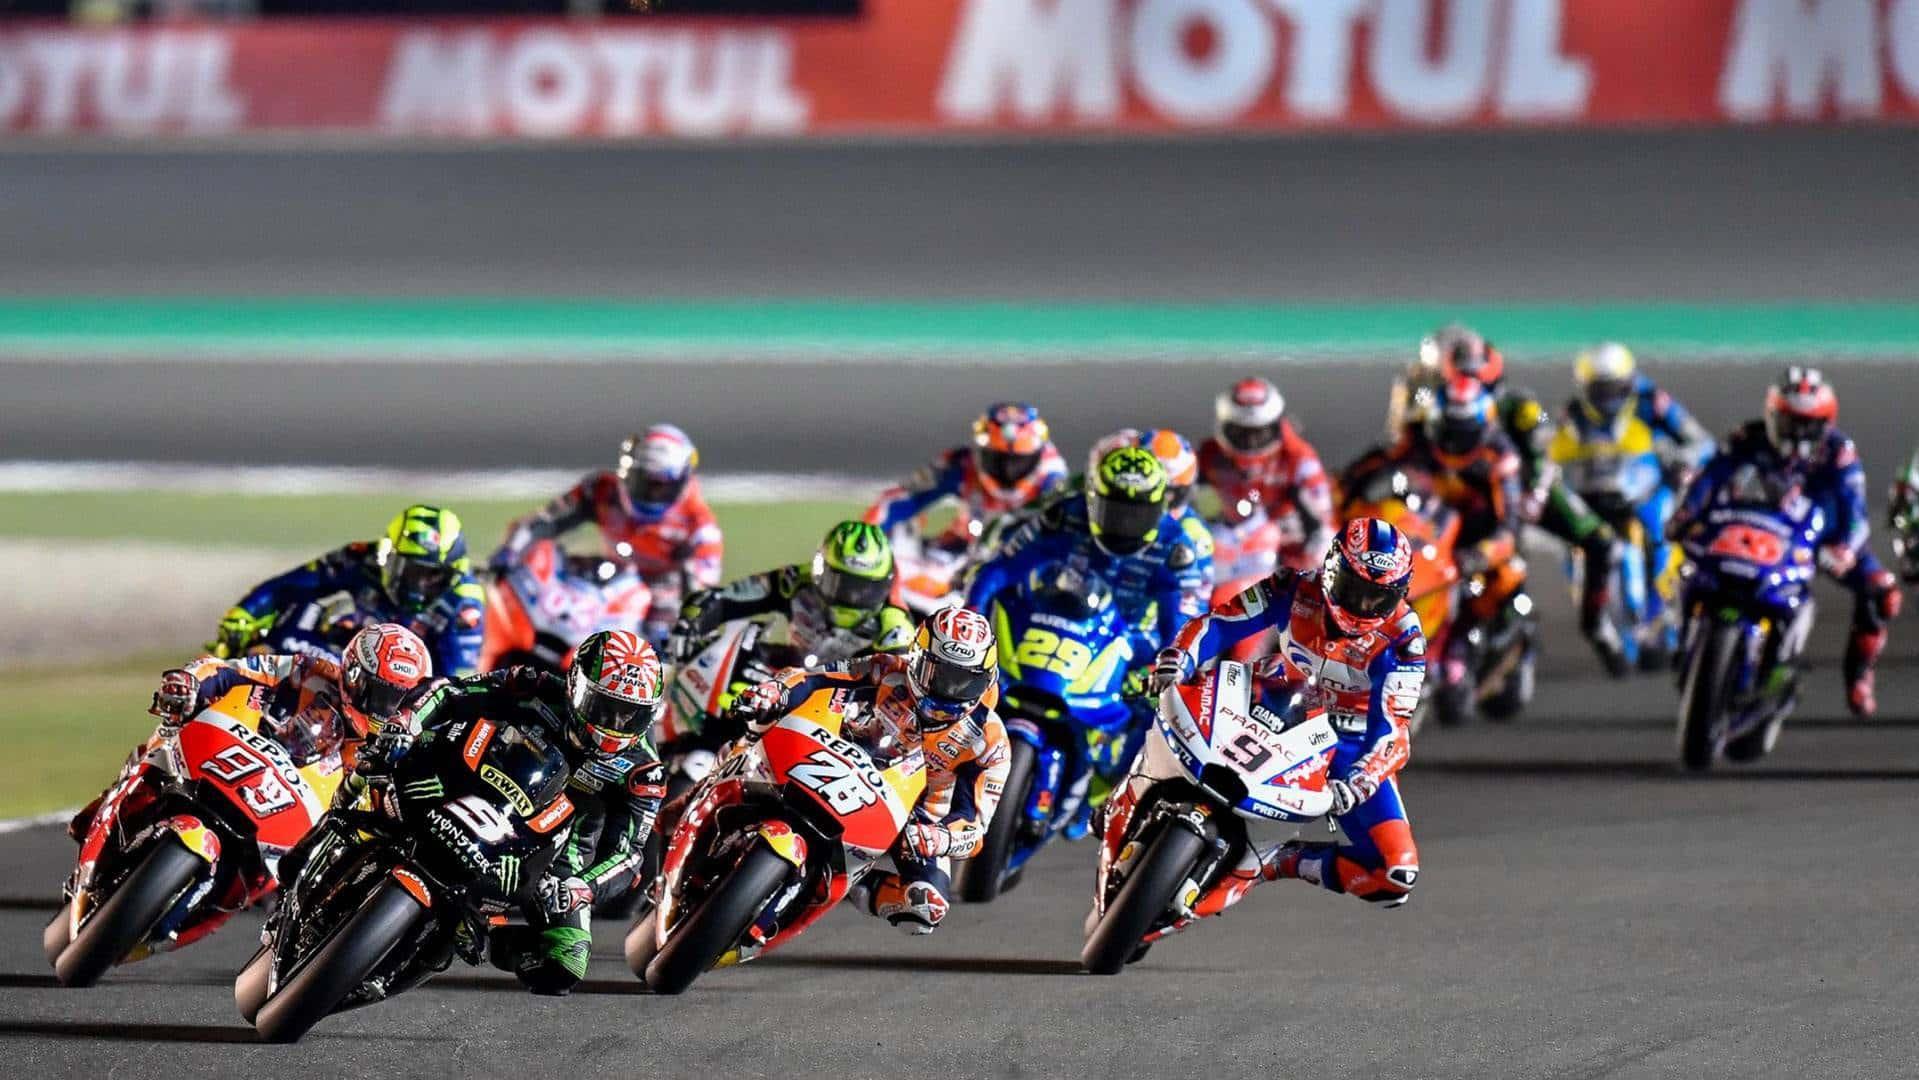 Motomondiale 2019